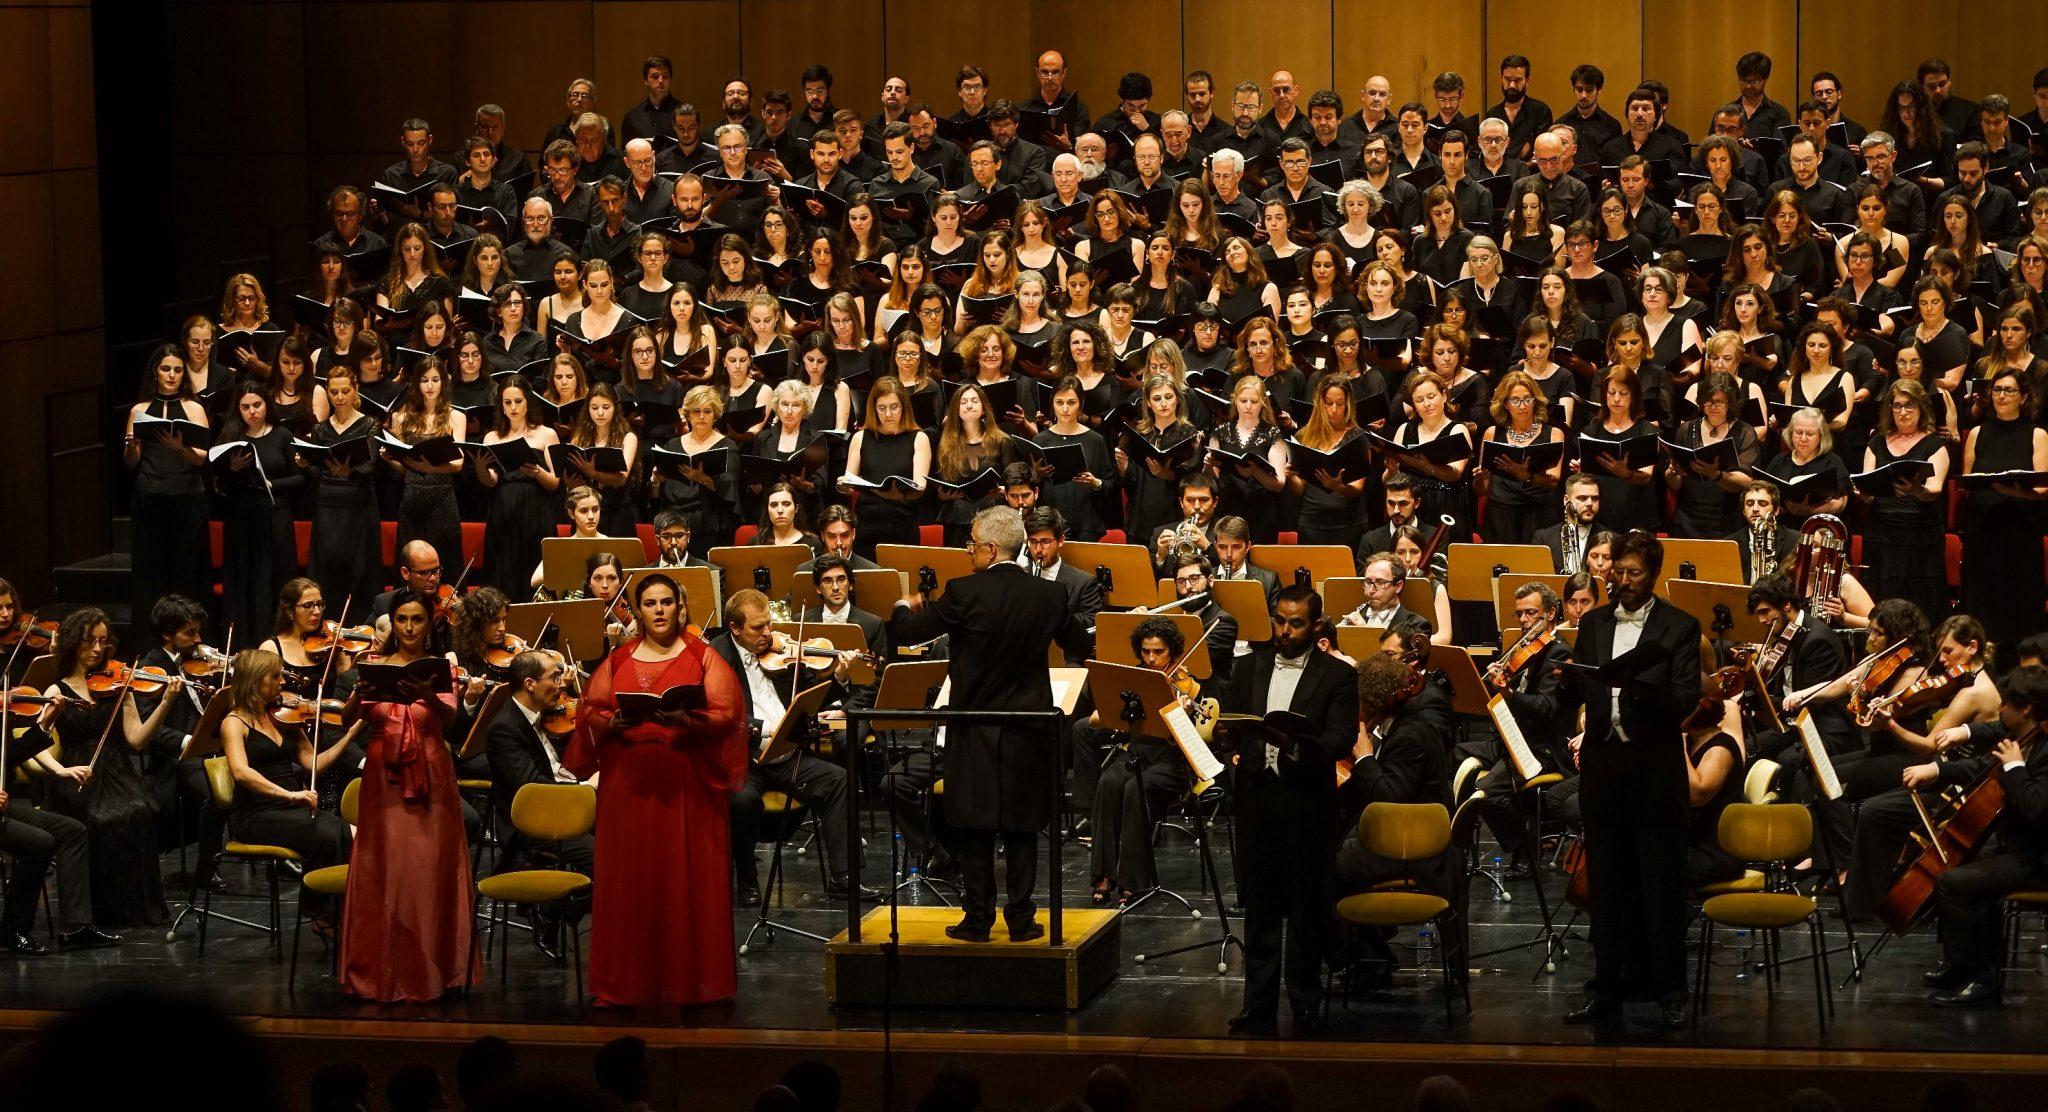 Palco do Grande Auditório do Centro Cultural de Belém com coro, orquestra e quatro solistas de frente para o observador. As duas solistas, no lado esquerdo, estão vestidas de vermelho. Os dois solistas, no lado direito, estão de preto. Ao centro, e de costas para o observador, está o maestro.